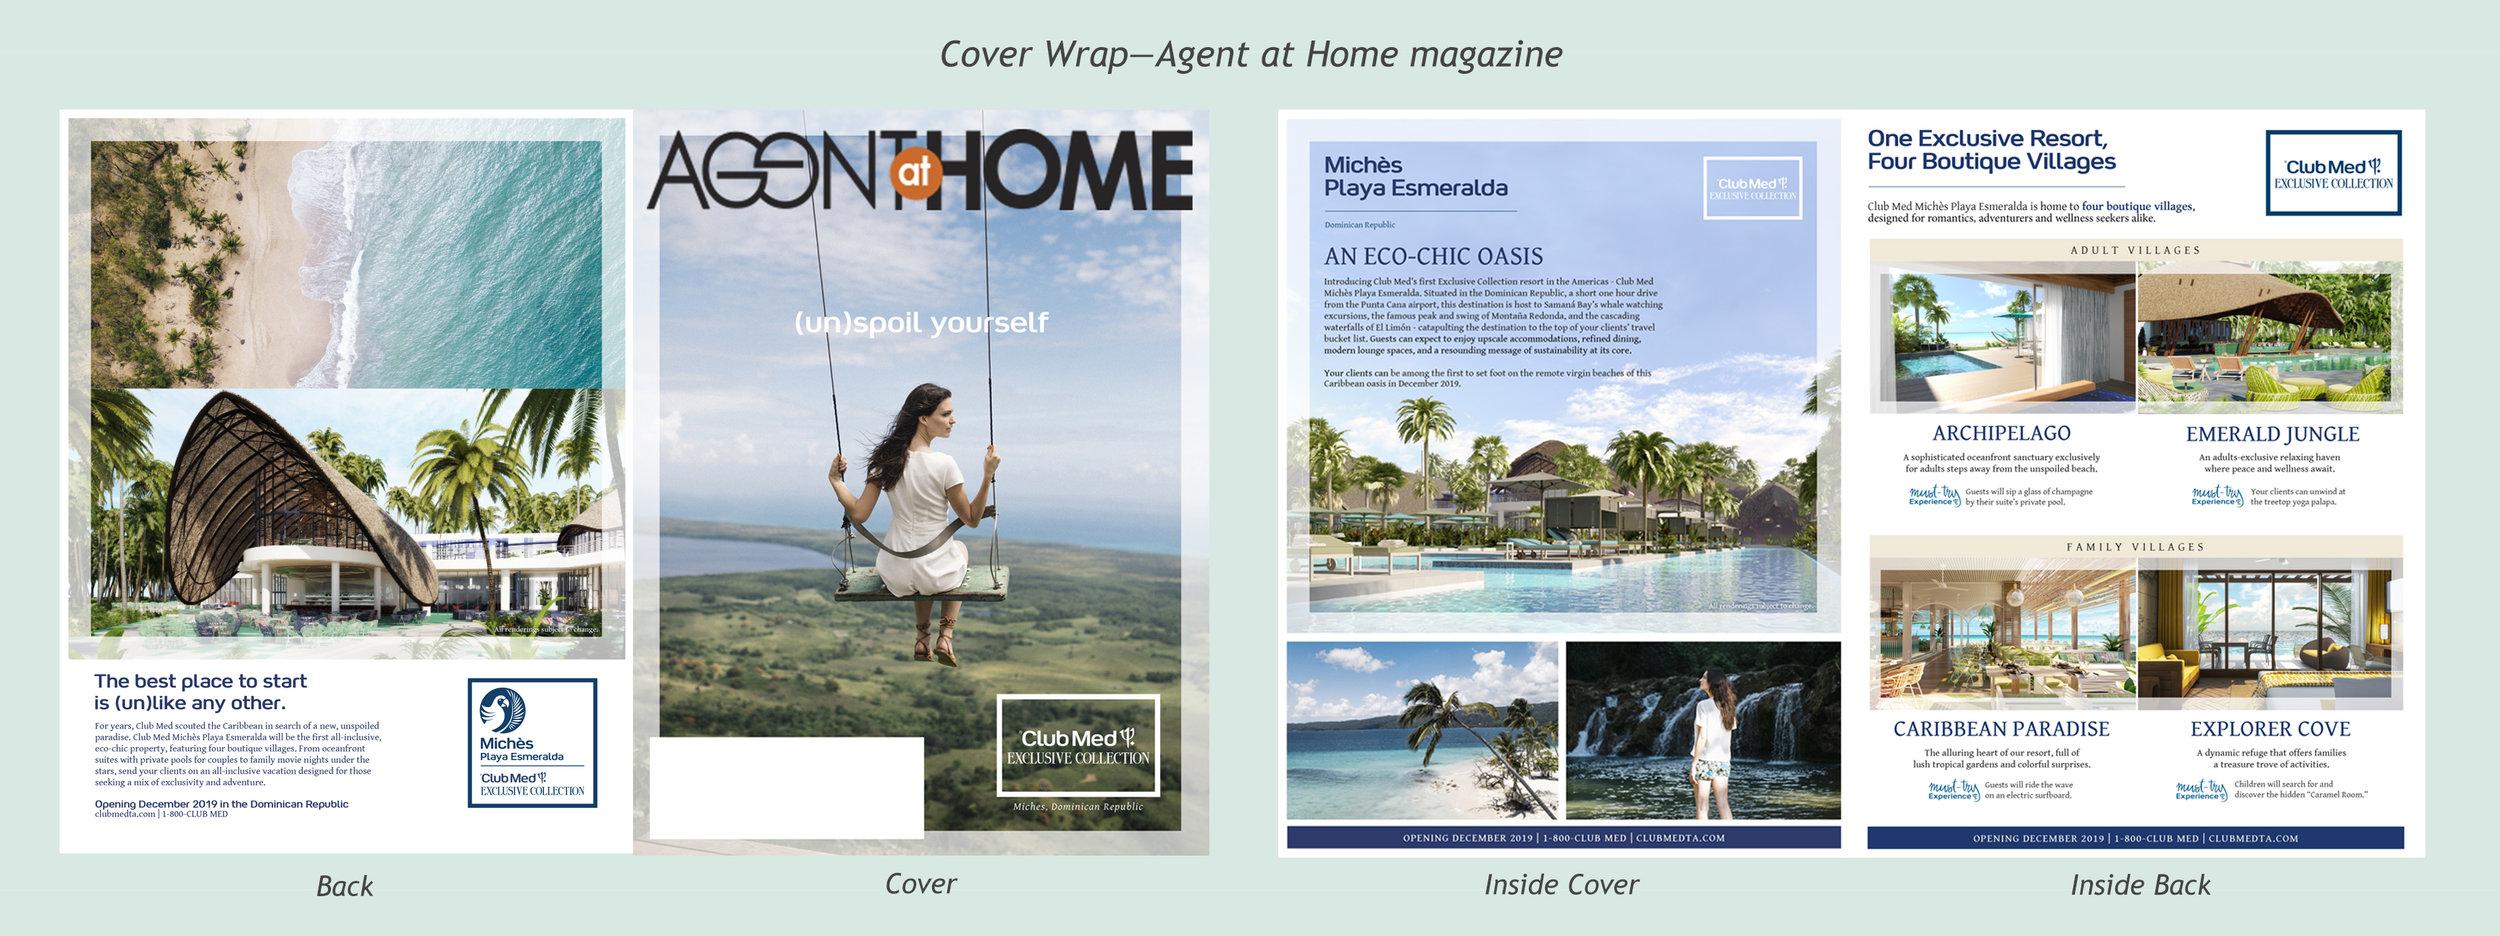 CoverWrap.jpg